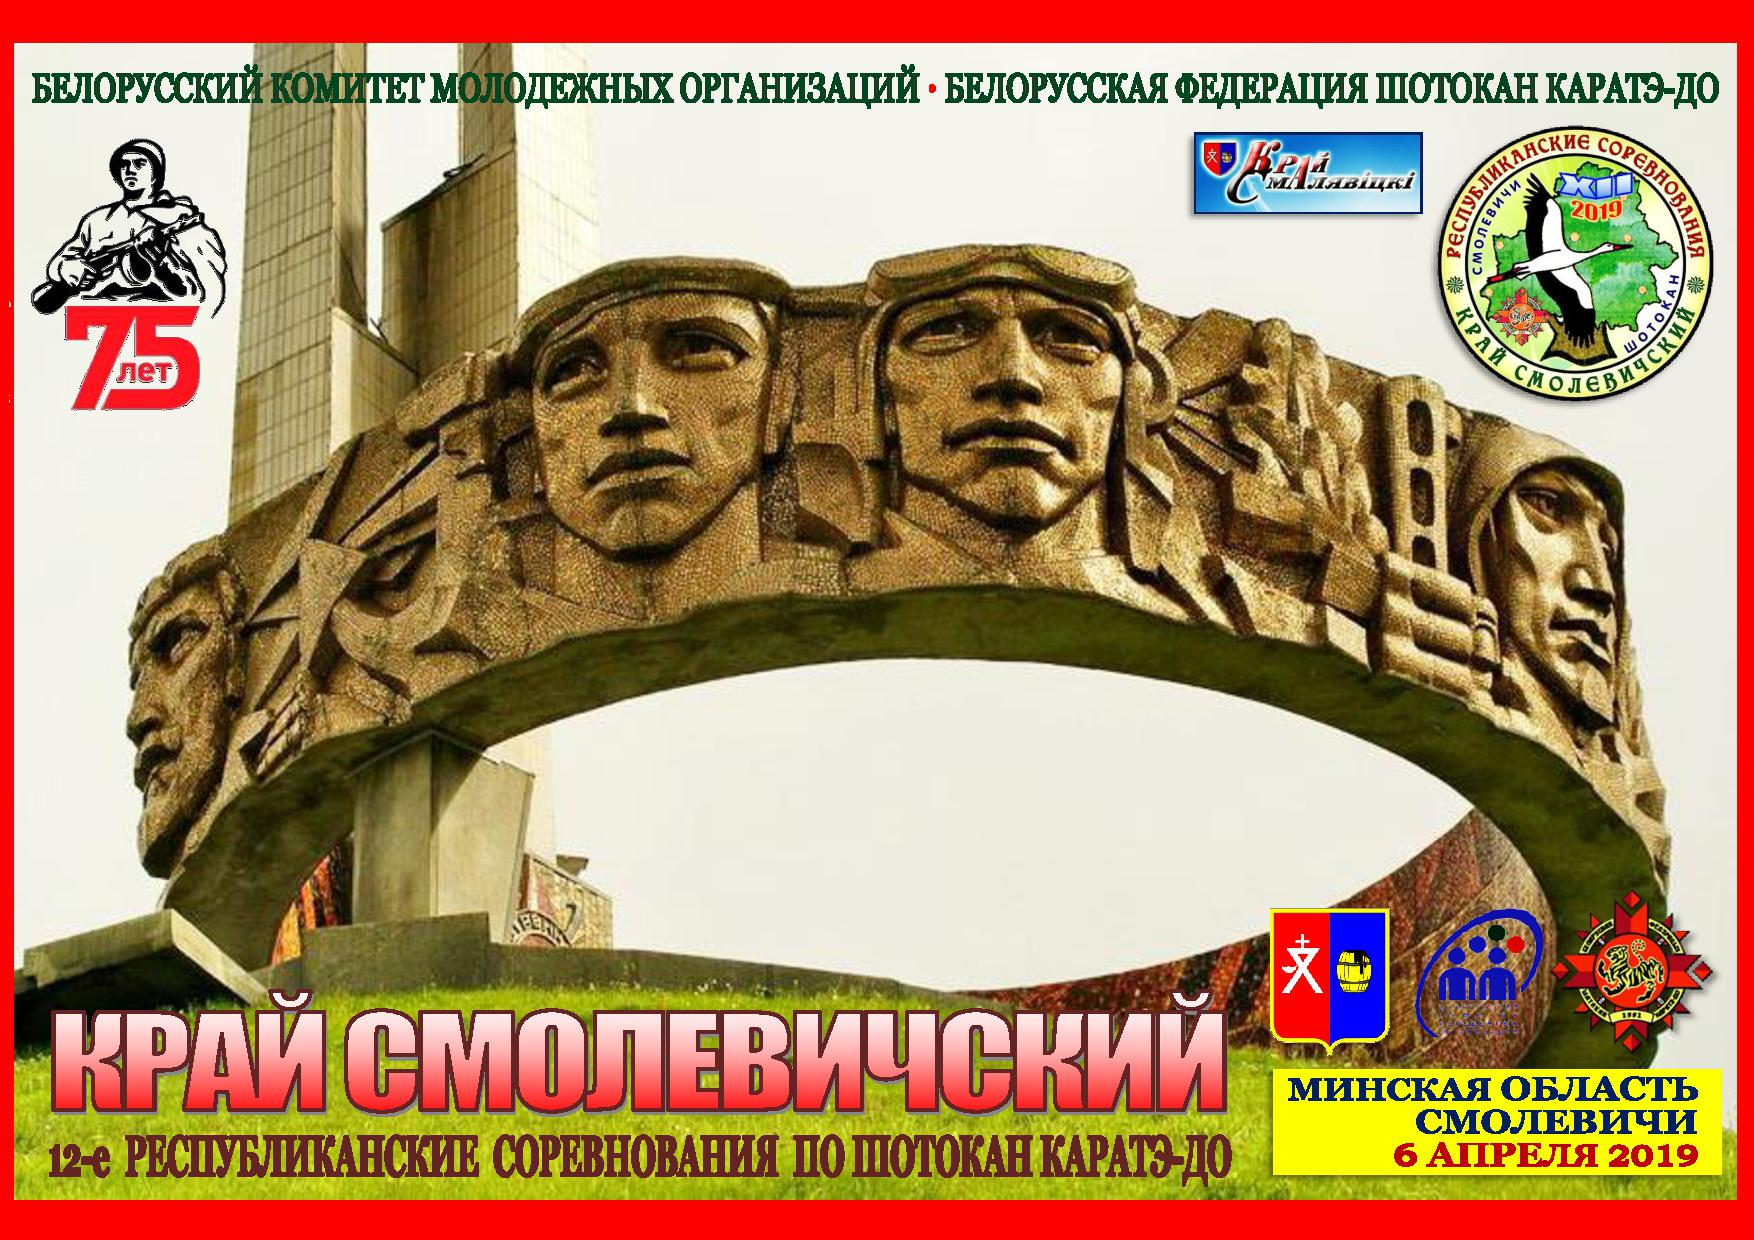 6 апреля 2019 года, Минская область, Смолевичи, Край Смолевичский-2019